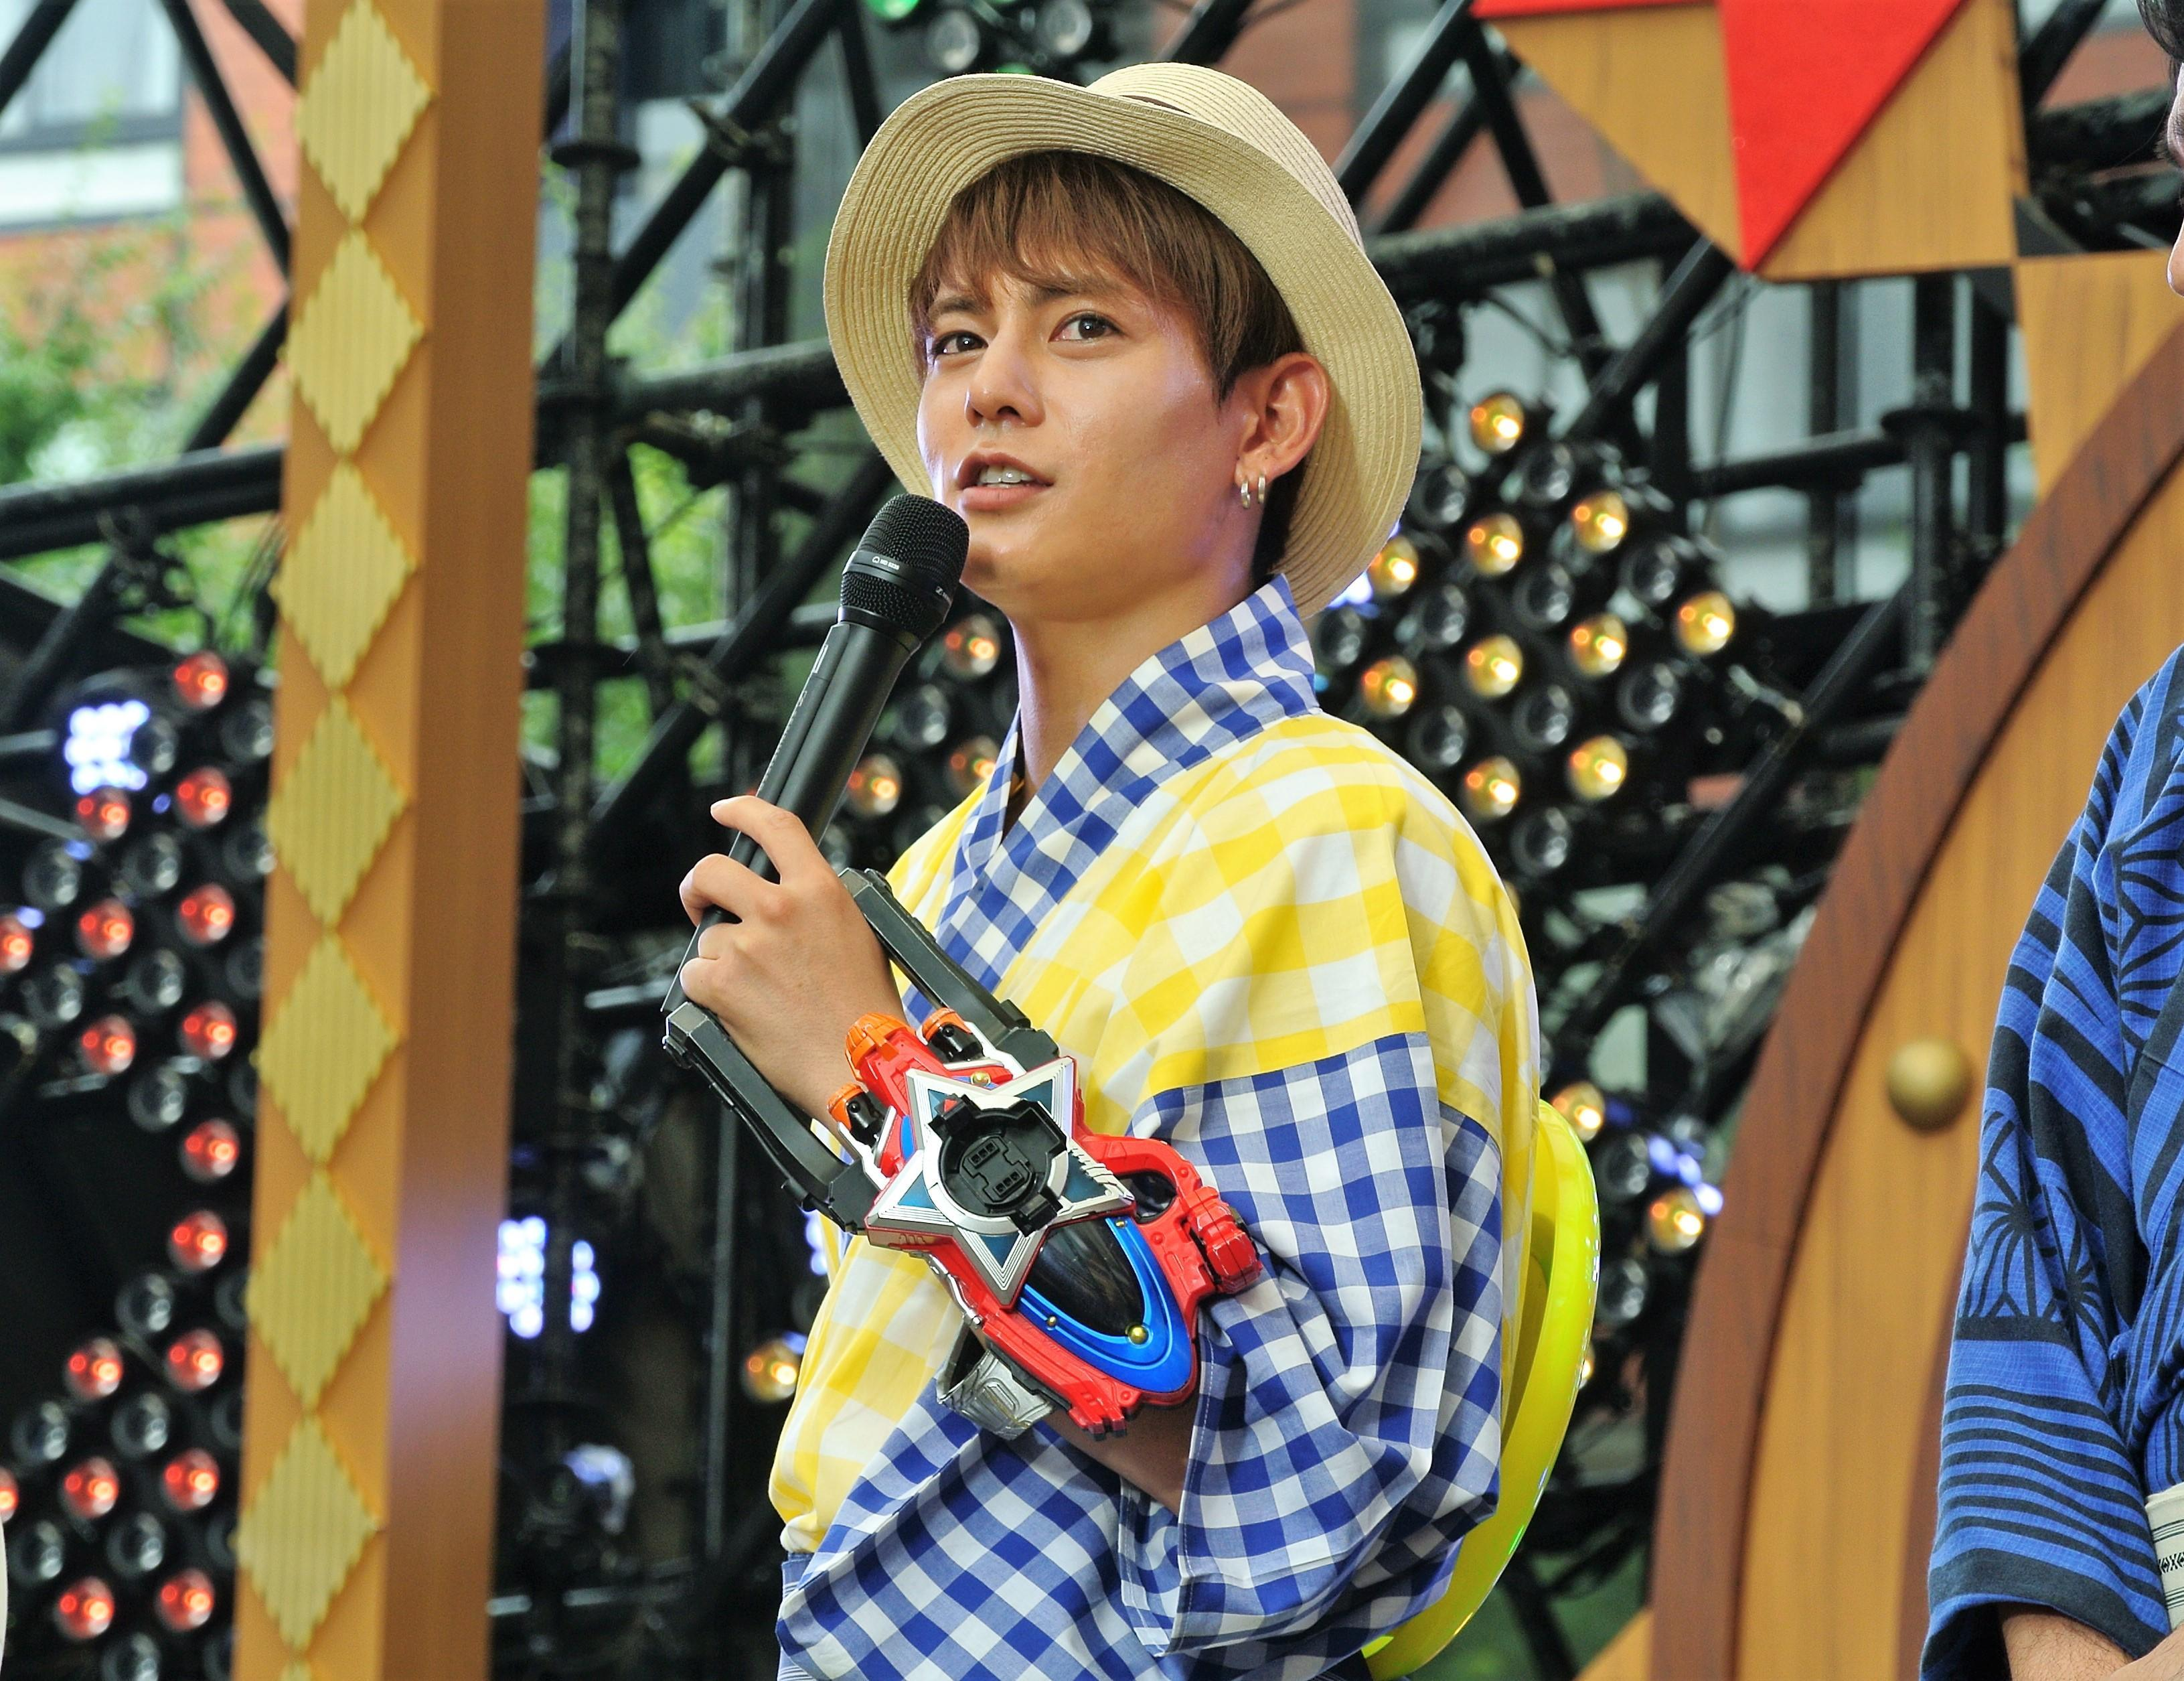 http://news.yoshimoto.co.jp/20170731175113-0abb813f364a145ce2ab7f59b7c0163323b7a49a.jpg